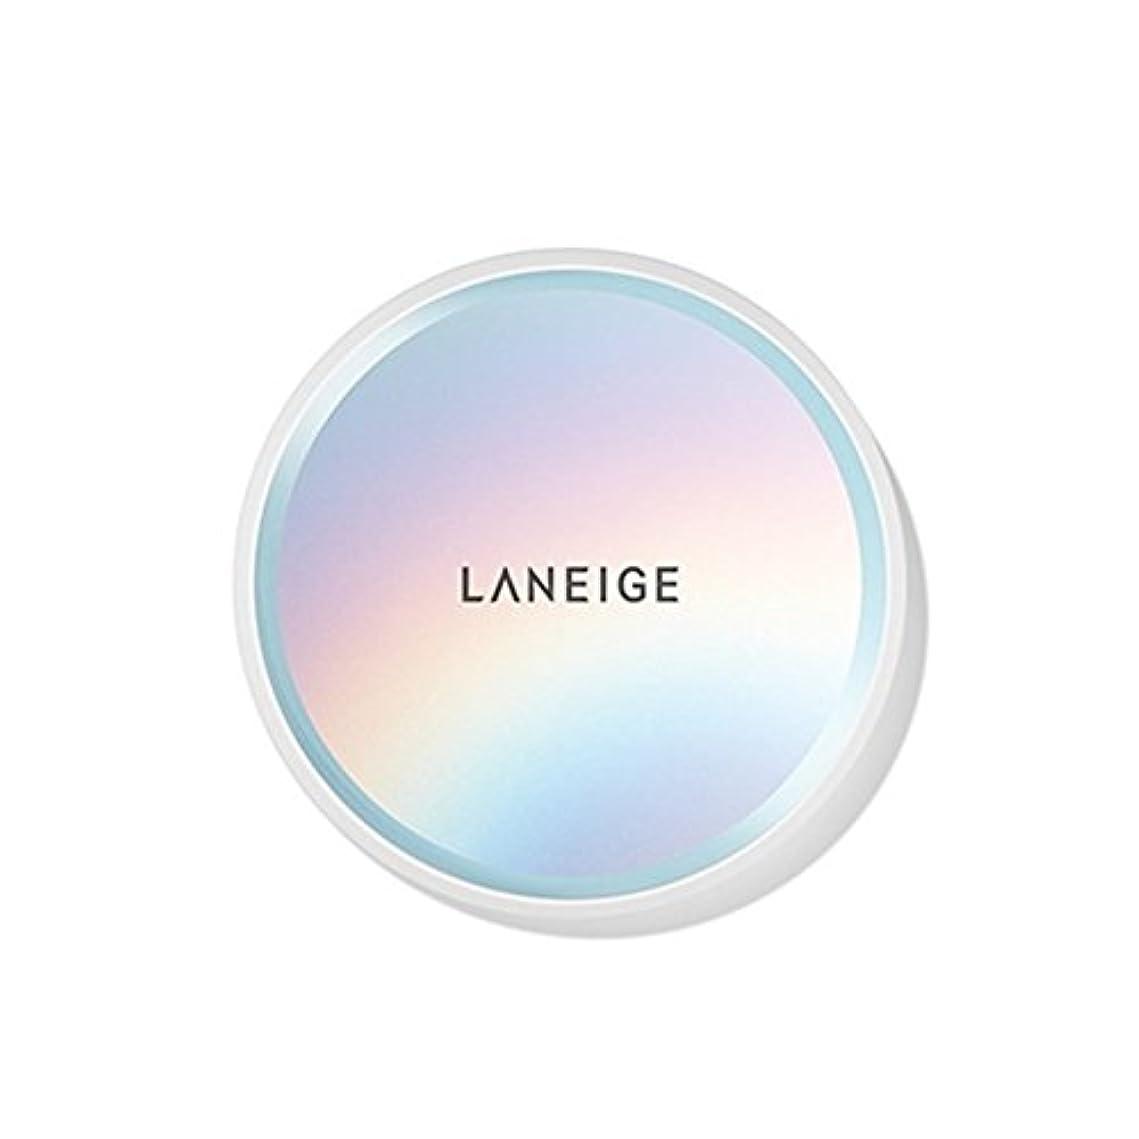 不透明な黙認する楽しい【ラネージュ】 LANEIGE BB Cushion Pore Control BBクッションポアコントロール 【韓国直送品】 OOPSPANDA (4.No. 23 Sand)